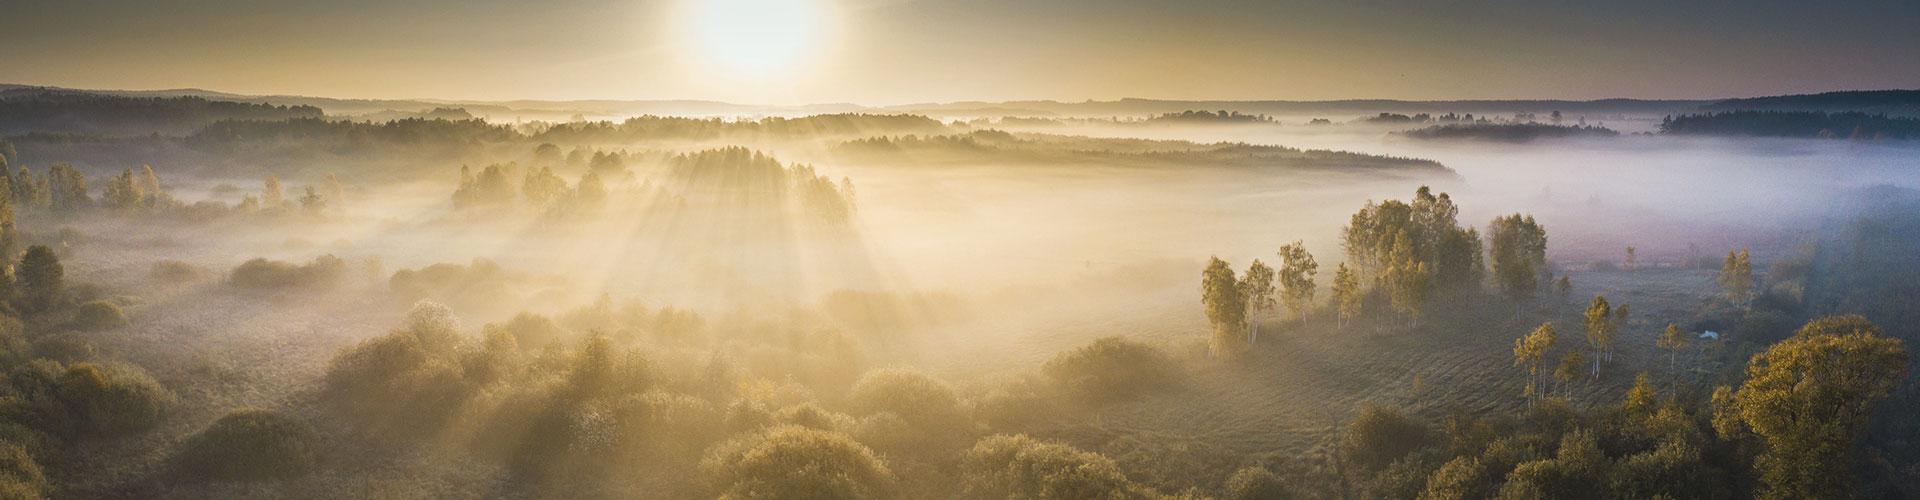 Eine von Nebel bedeckte Landschaft, die Sonne geht unter